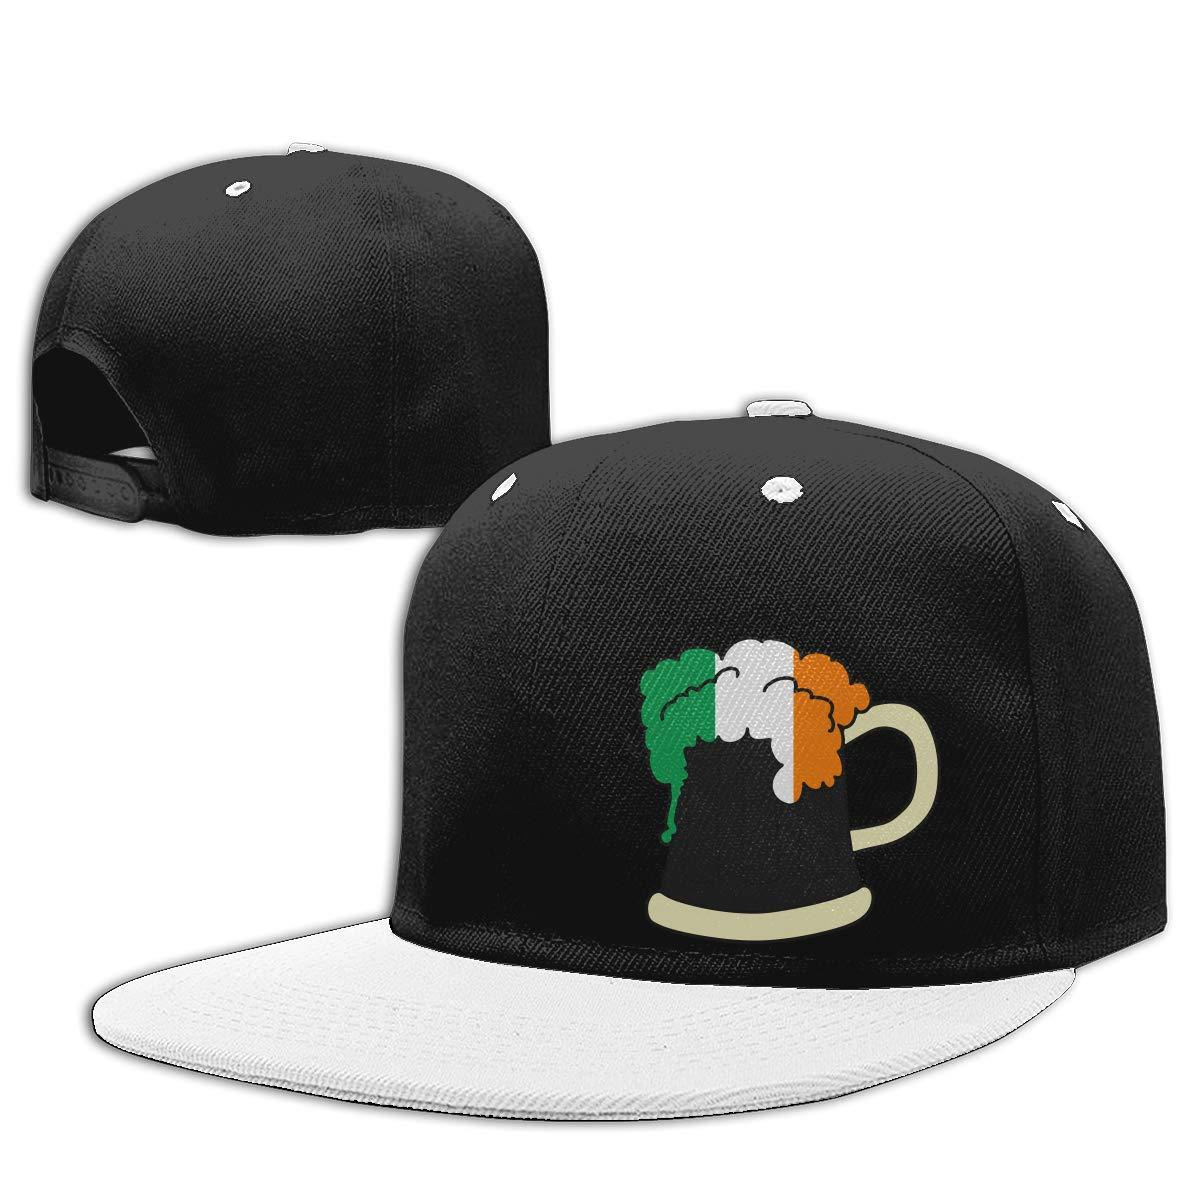 NMG-01 Women Men Trucker Cap Irish Beer Adjustable Hip Hop Baseball Caps